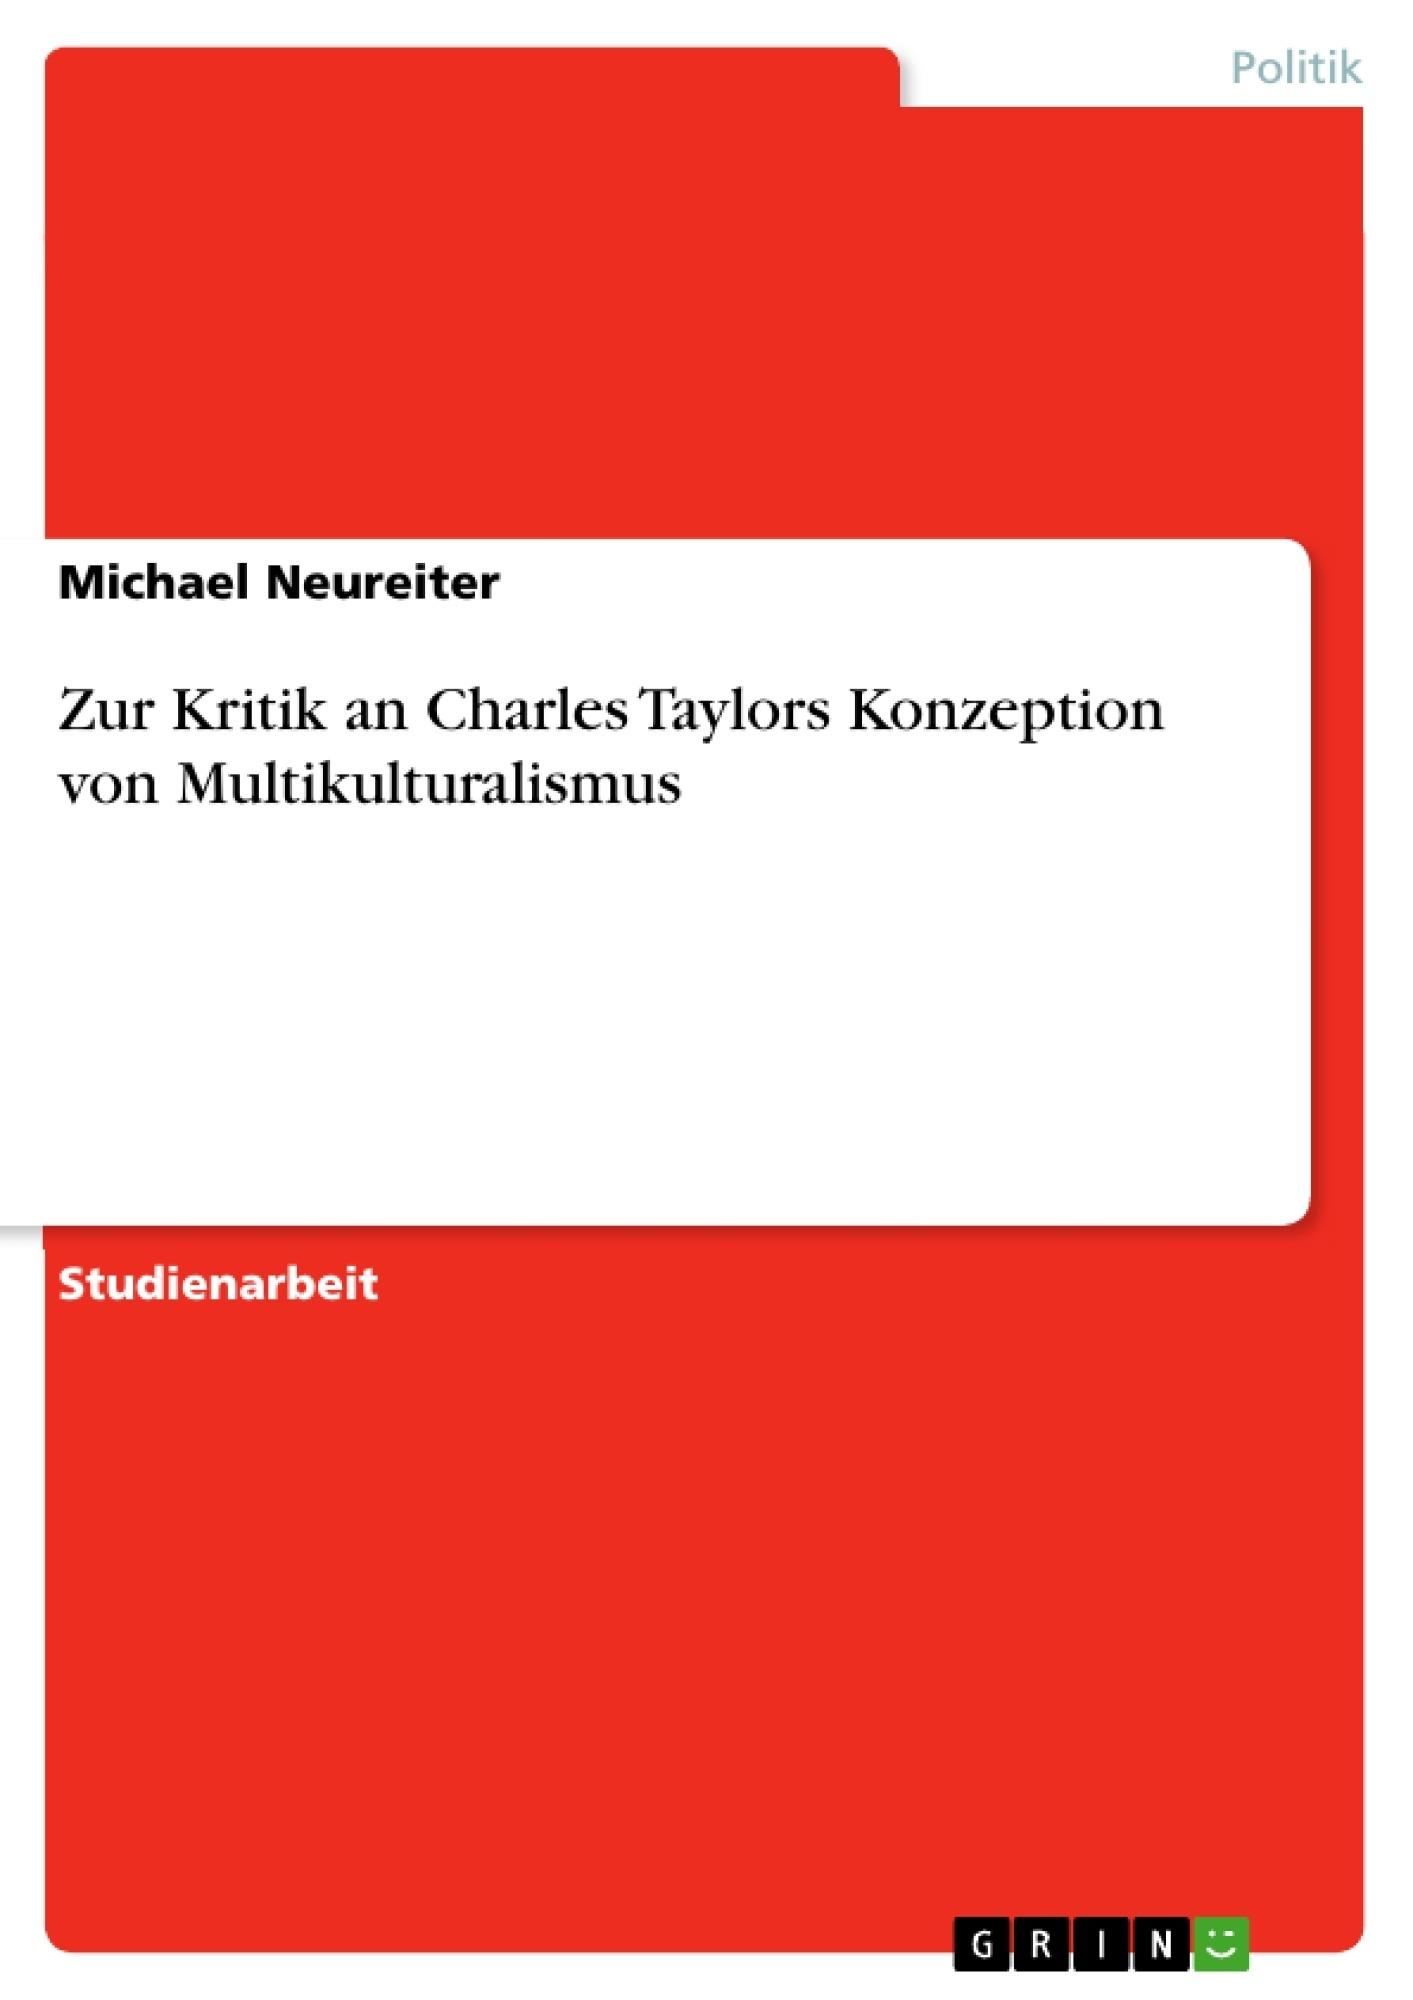 Titel: Zur Kritik an Charles Taylors Konzeption von Multikulturalismus